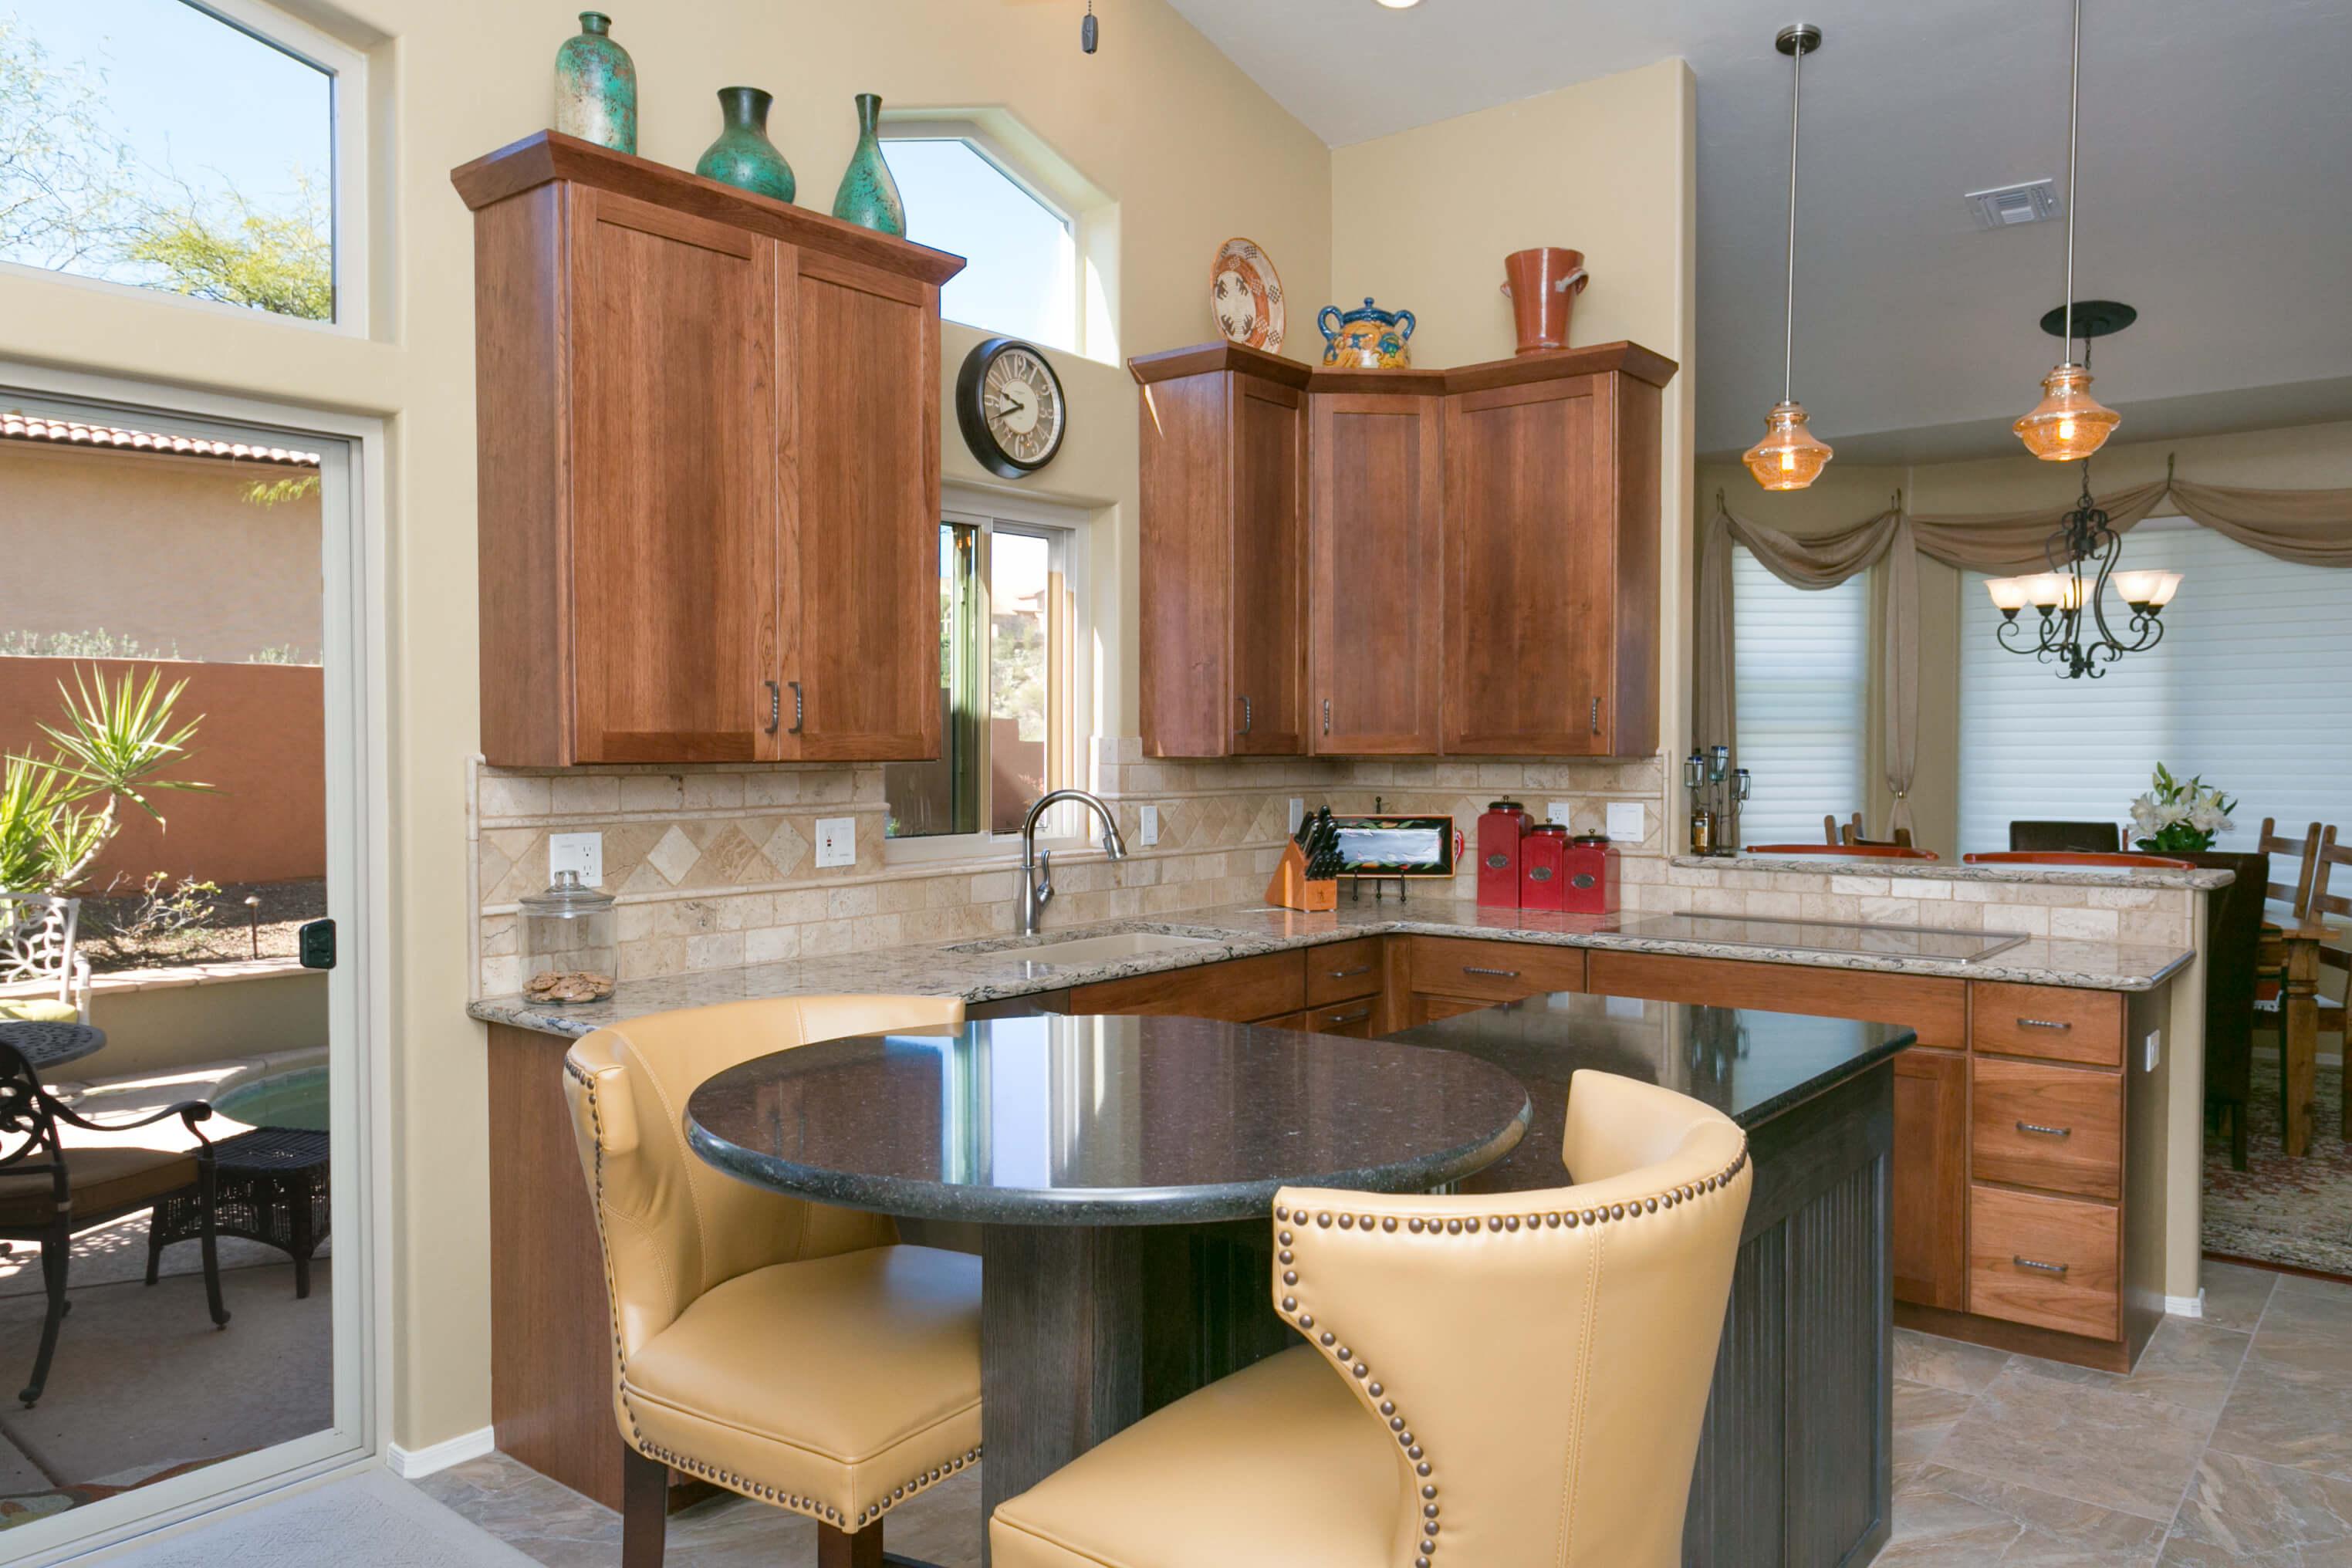 kitchen remodels kitchen remodel tucson Gurtcheff Kitchen Remodel Designer Laura Wallace